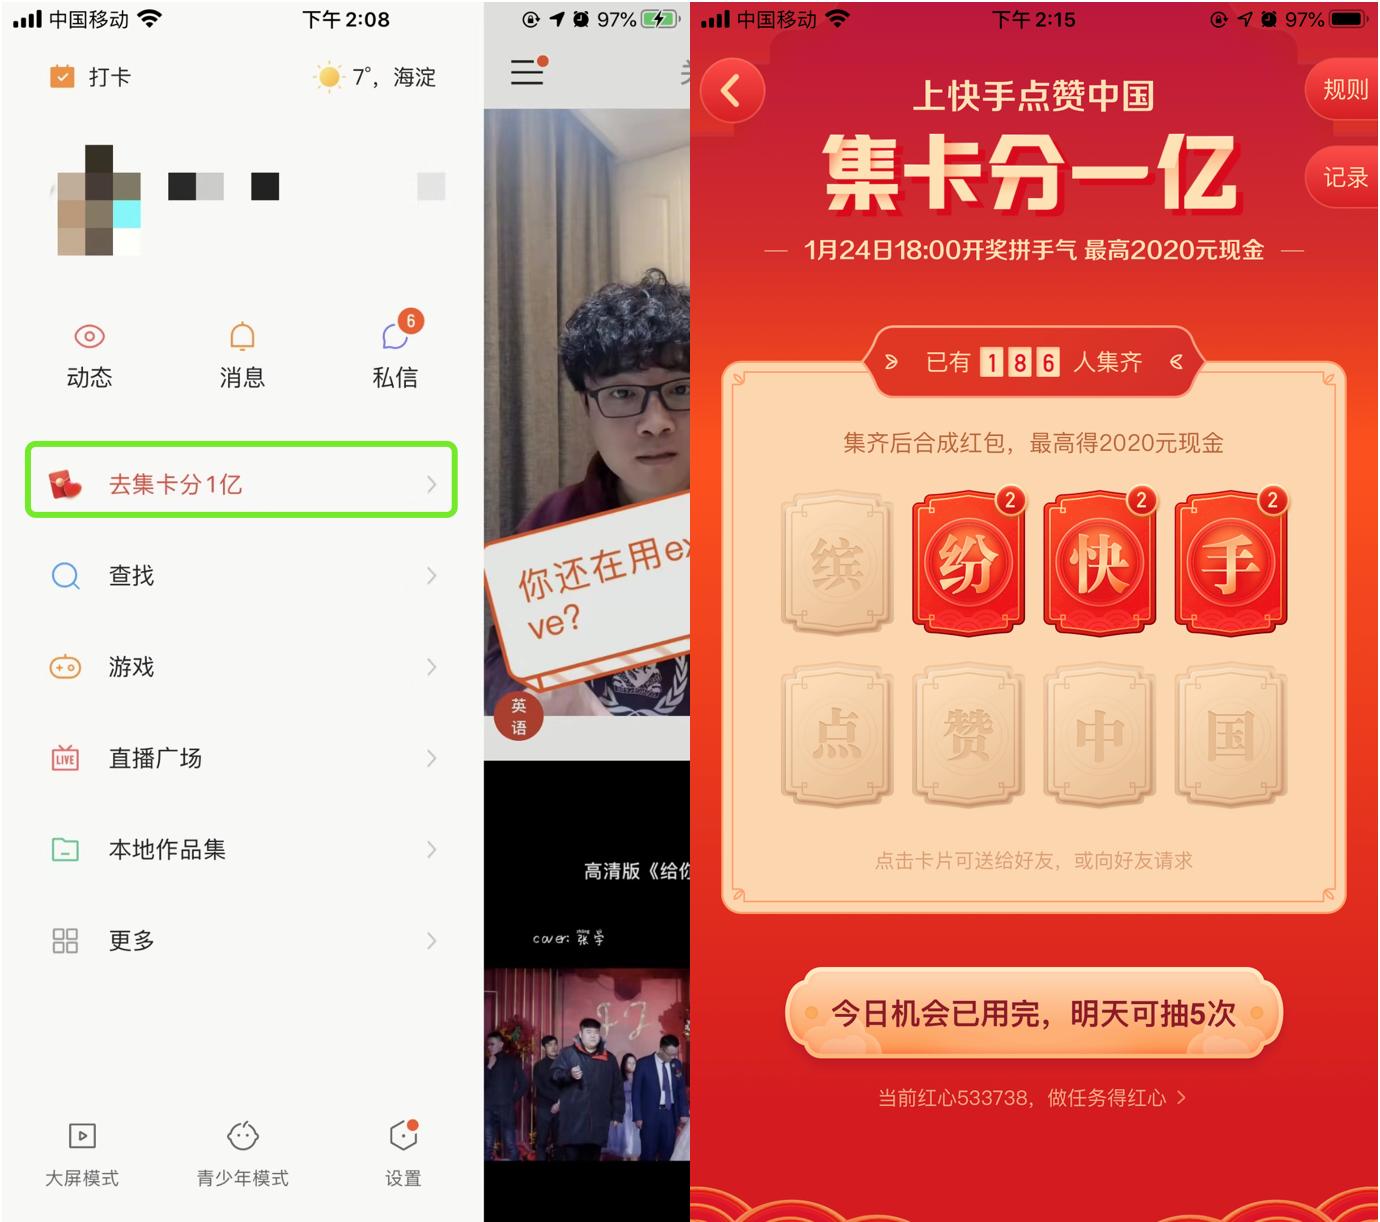 """集福活动 拼手速""""集卡分1亿""""  快手春节红包预热活动上线"""